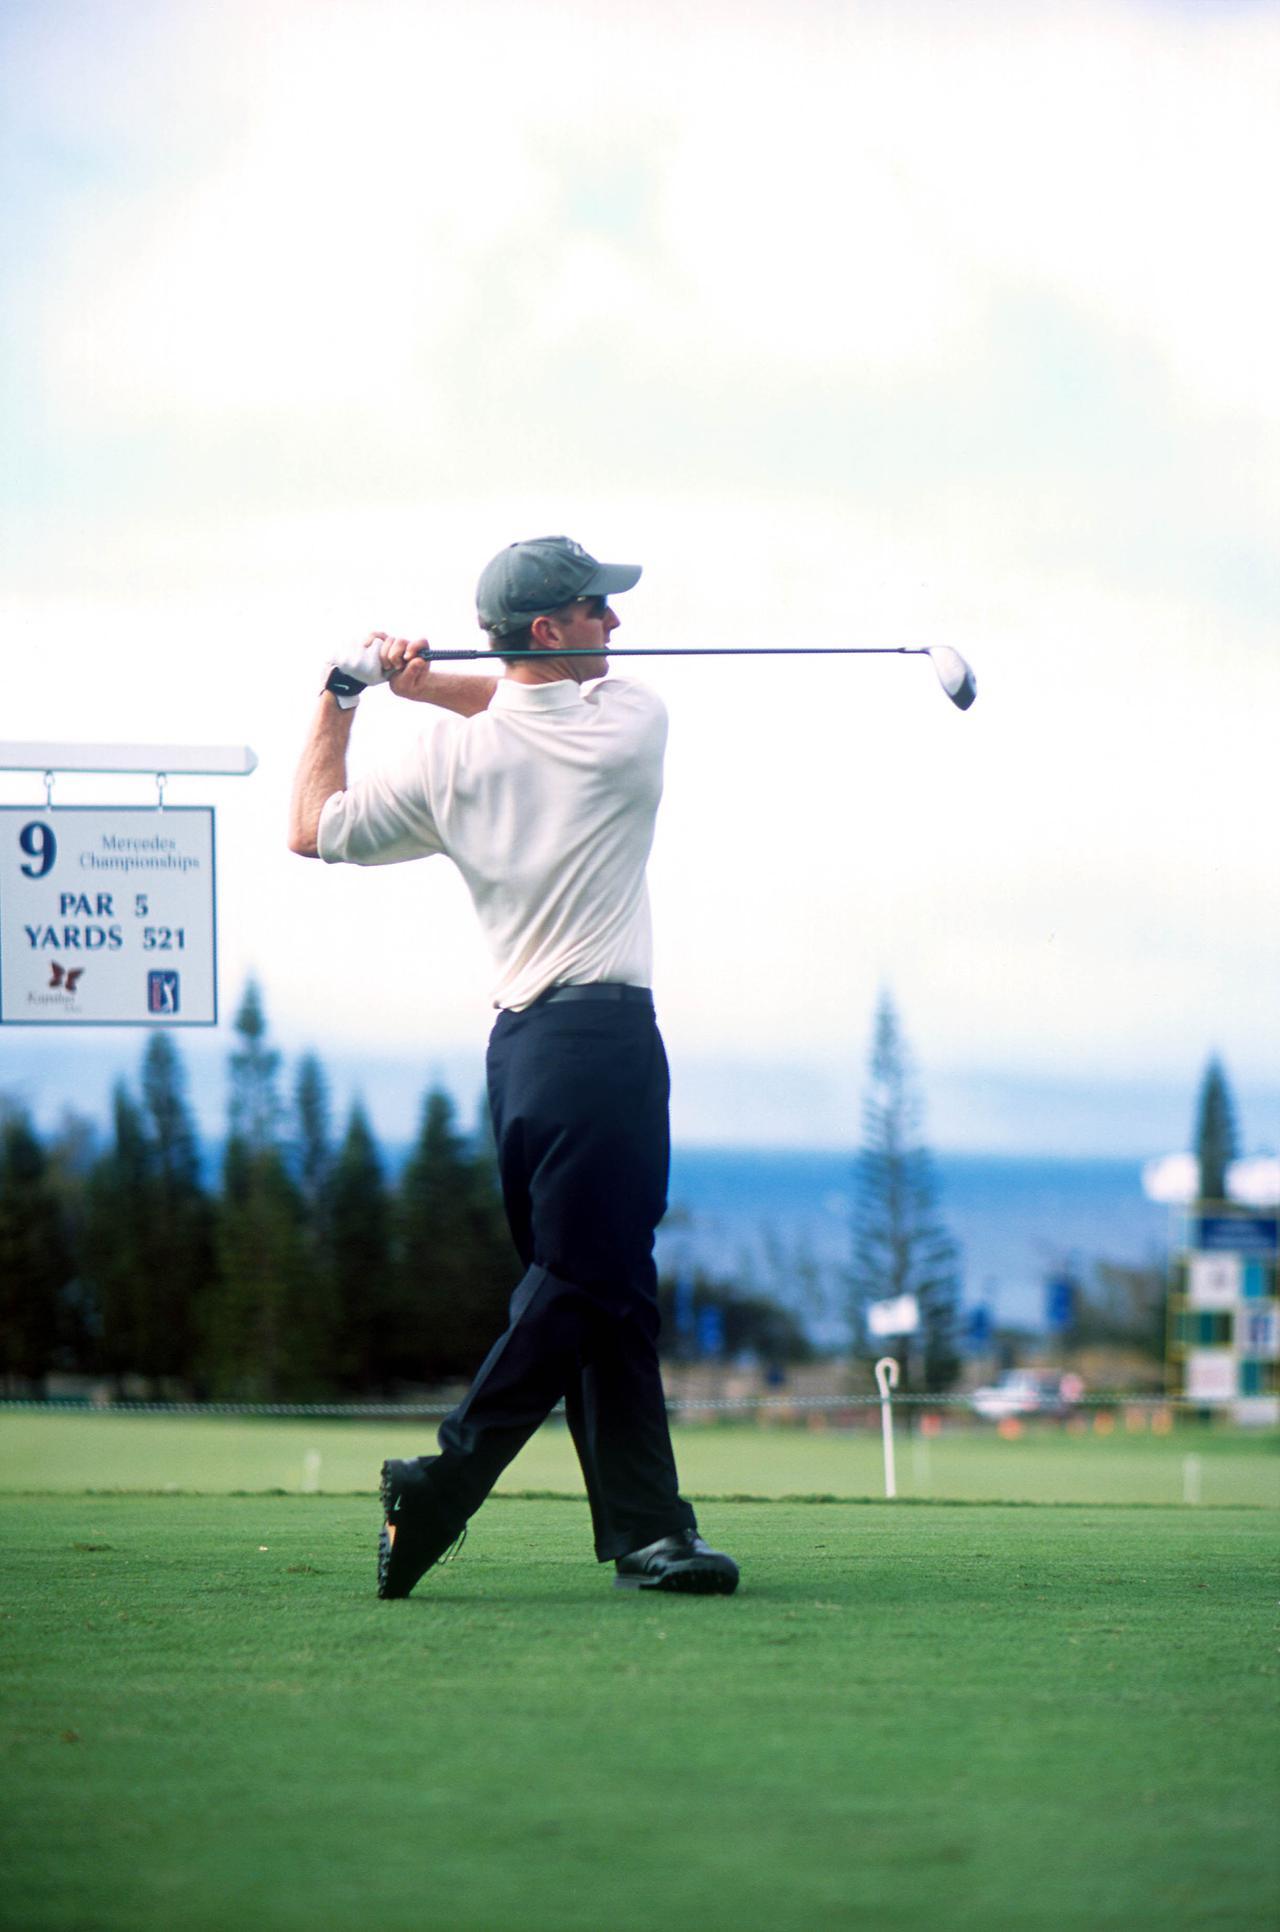 Images : 10番目の画像 - デビッド・デュバル ドライバー正面連続写真 - みんなのゴルフダイジェスト